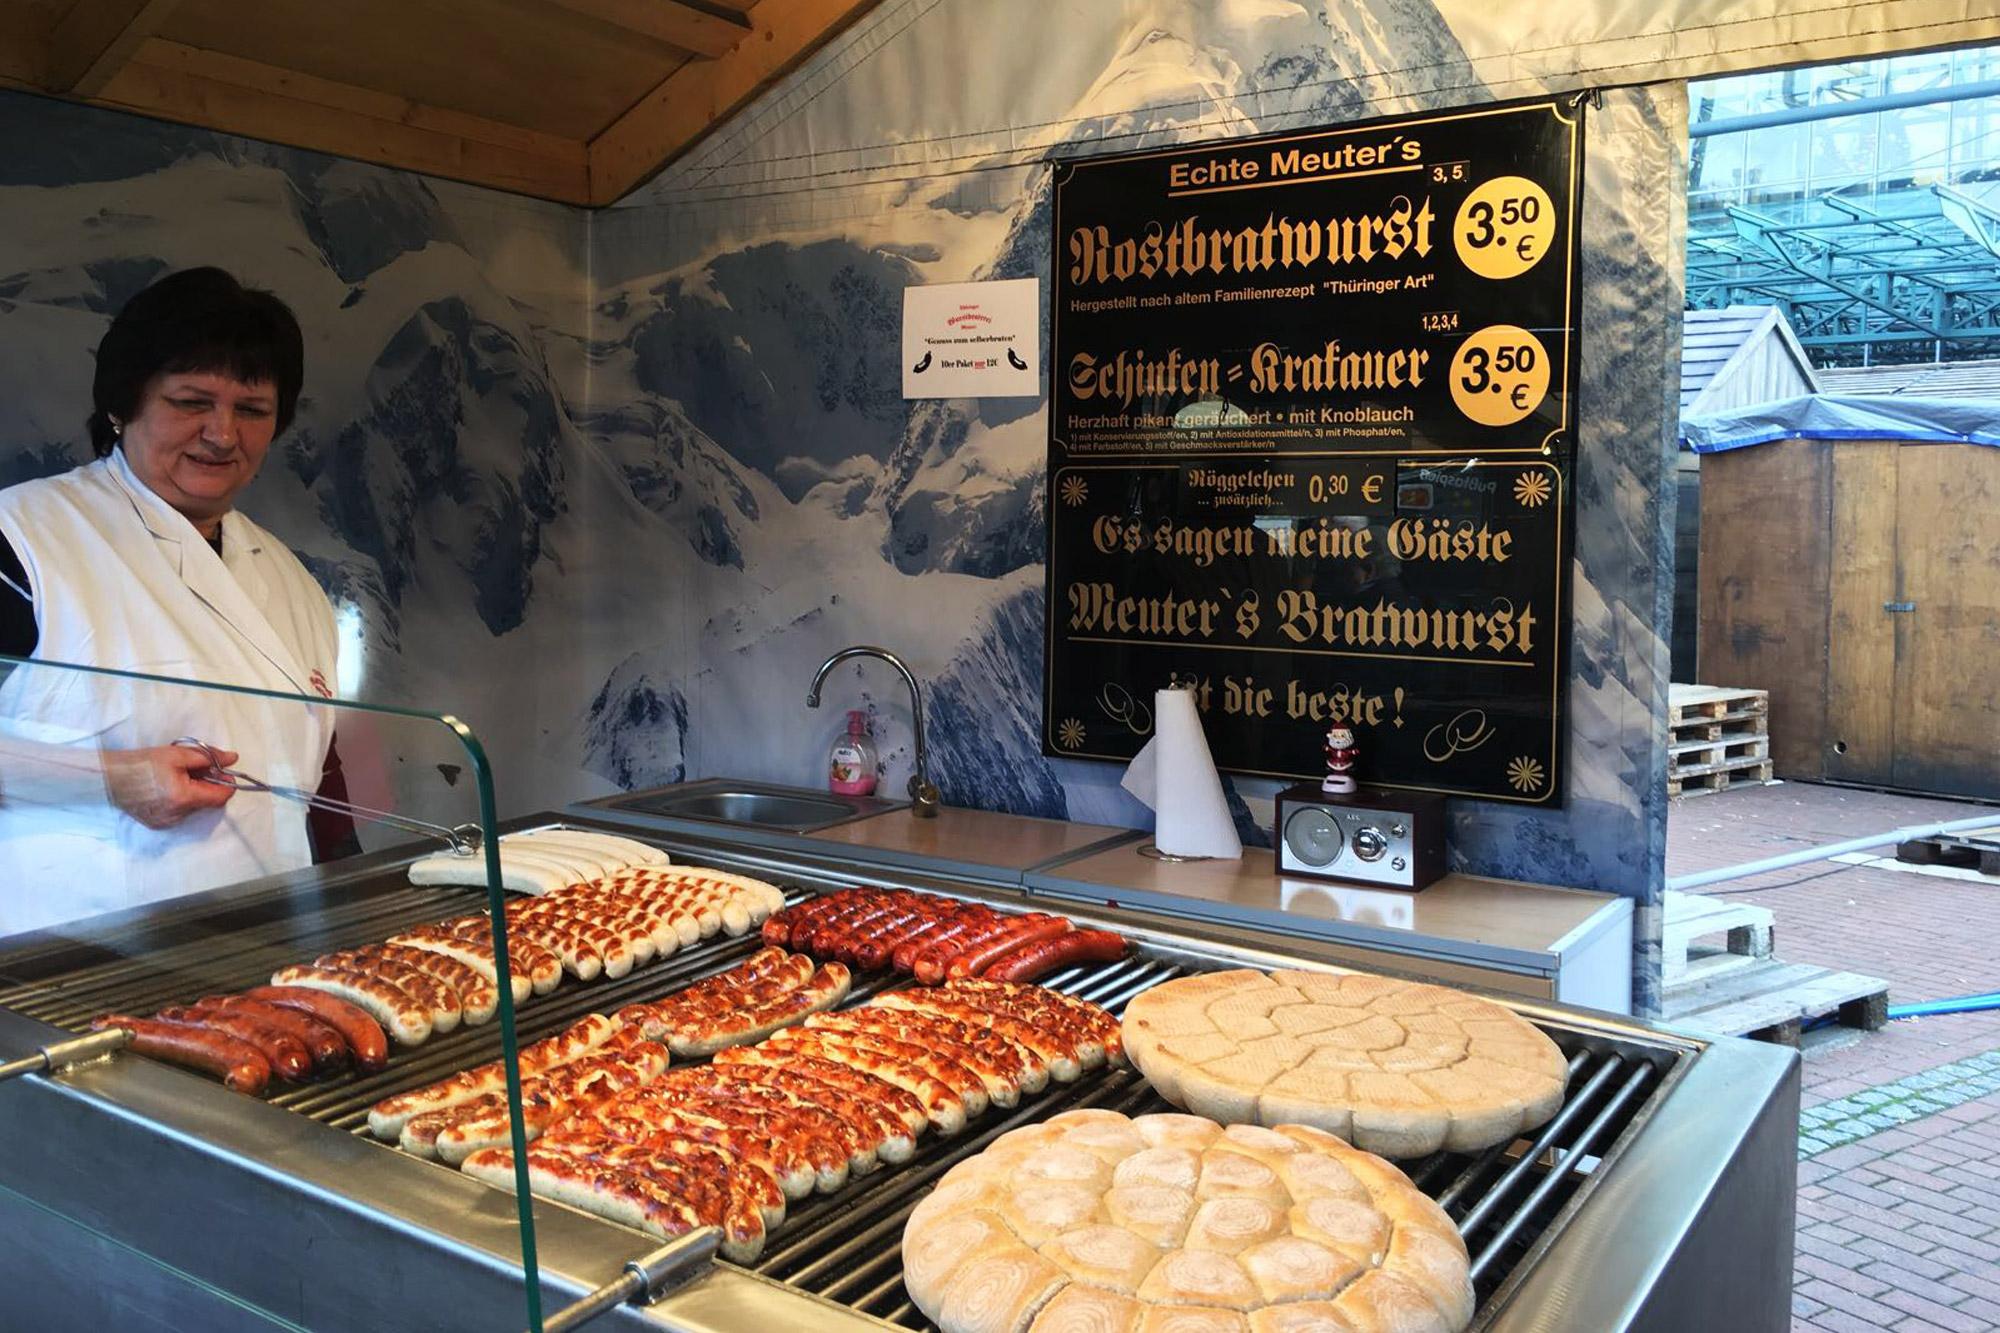 Oberhausen kerstmarkt, mijn tips - Bratwurst